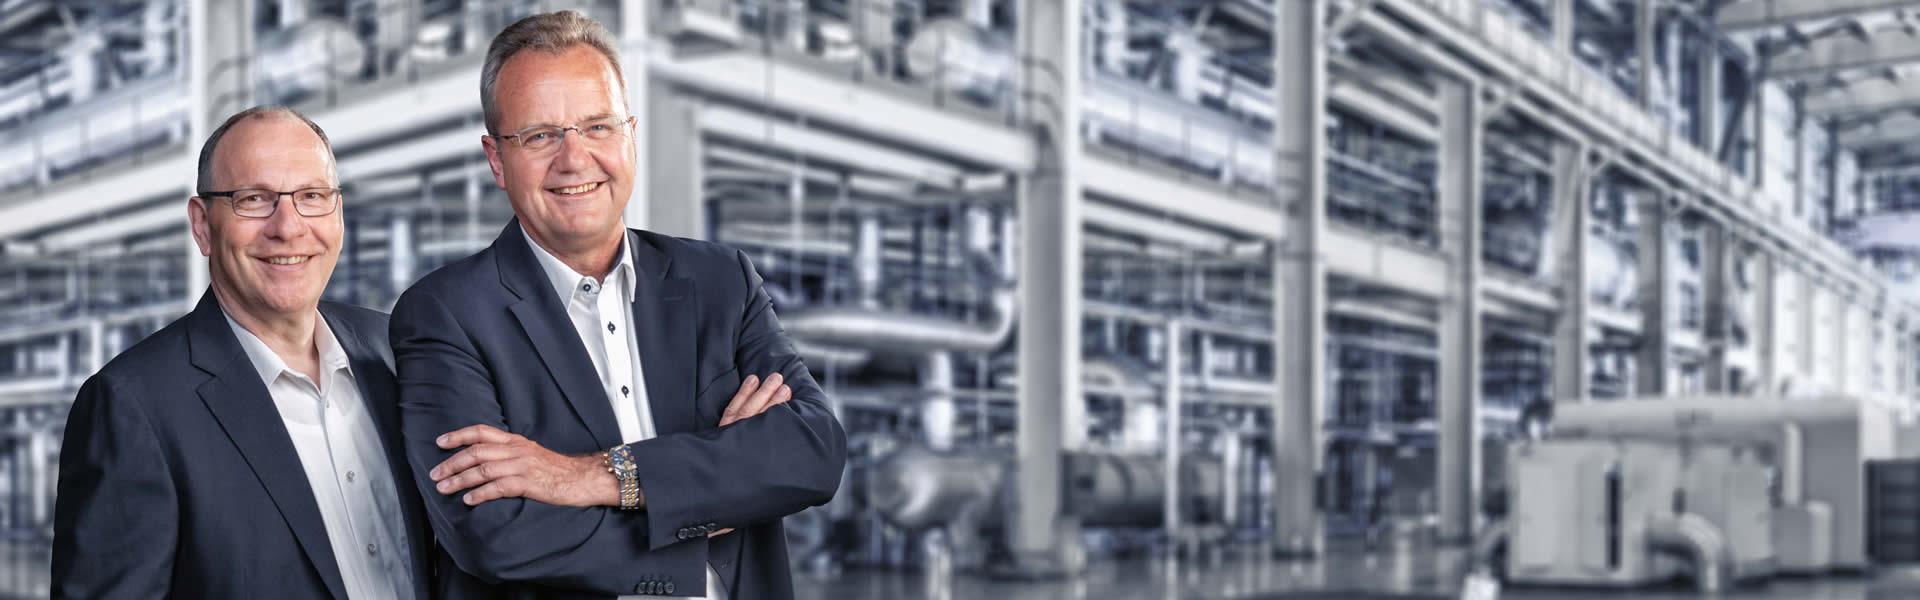 Dr. Scholl & Willemsen: Interim Management und Consulting